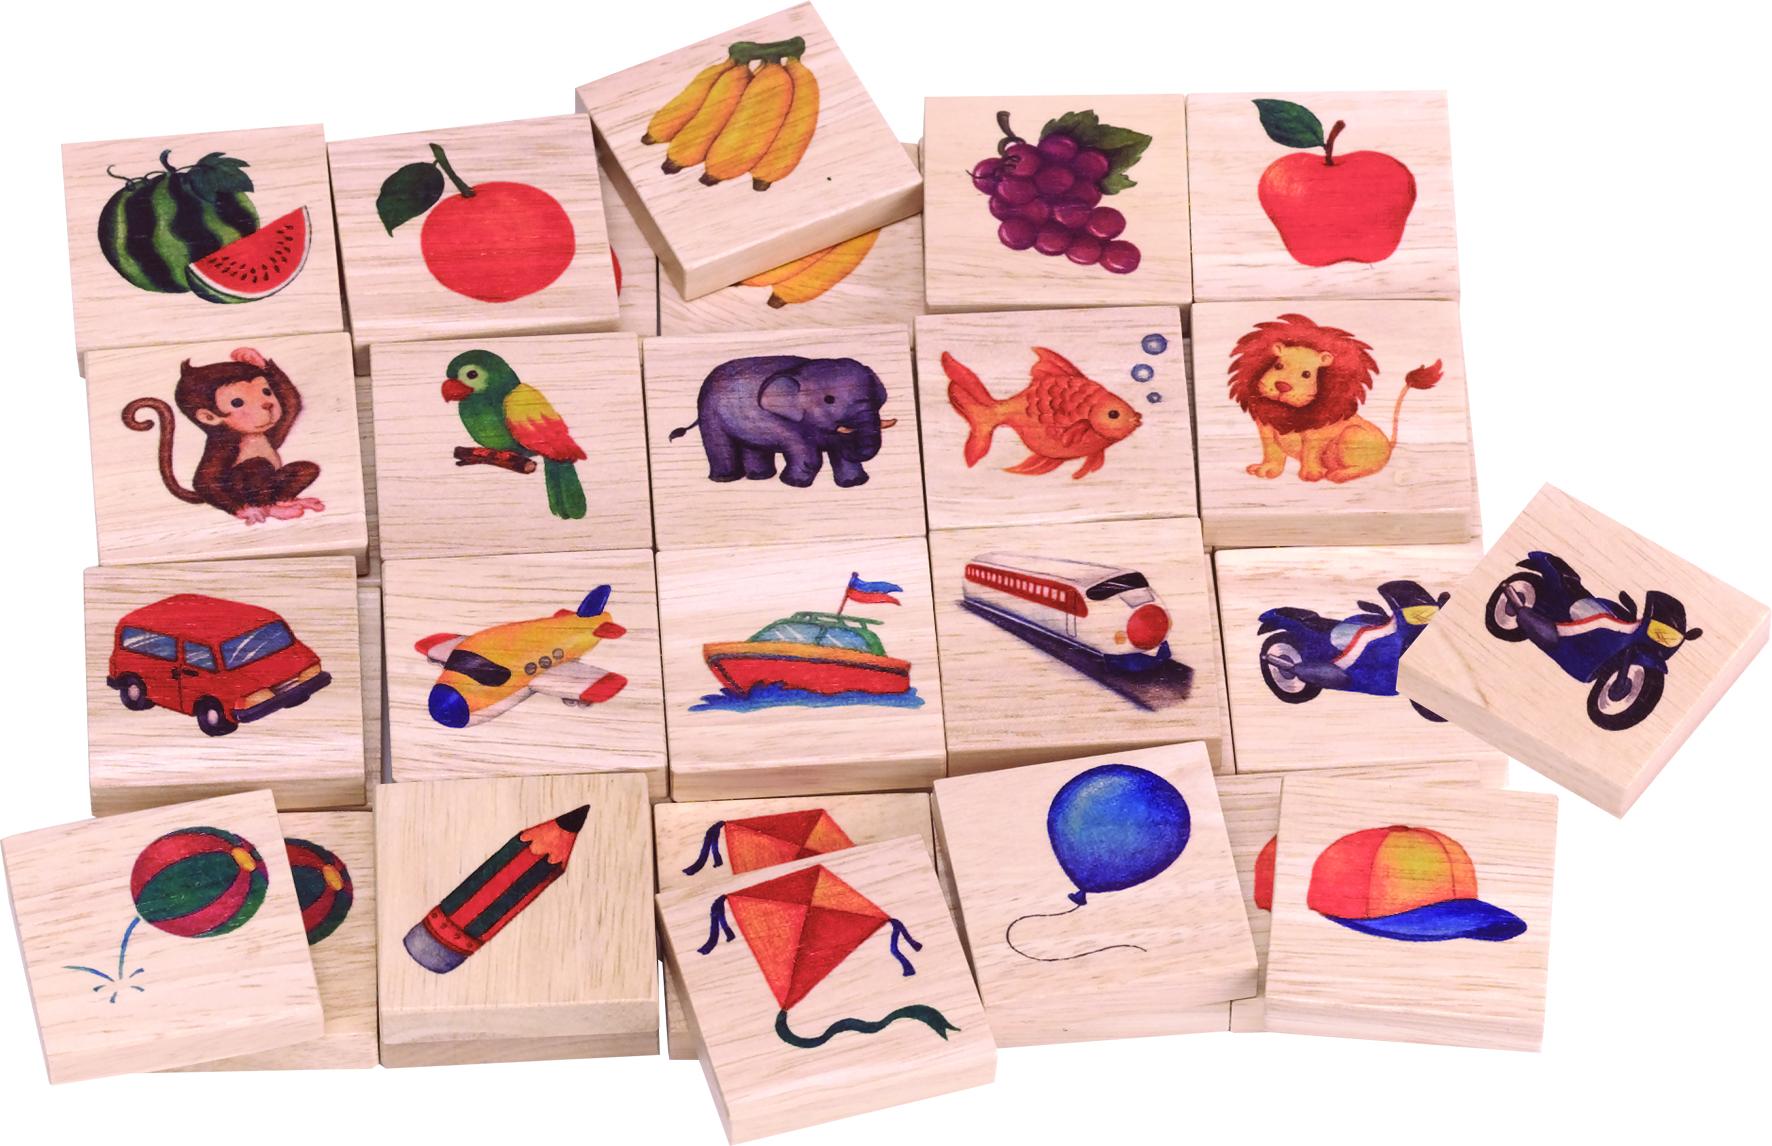 ของเล่นไม้ เกมส์ฝึกสมอง กับเกมส์จับคู่ภาพเหมือน ช่วยฝึกสมาธิ